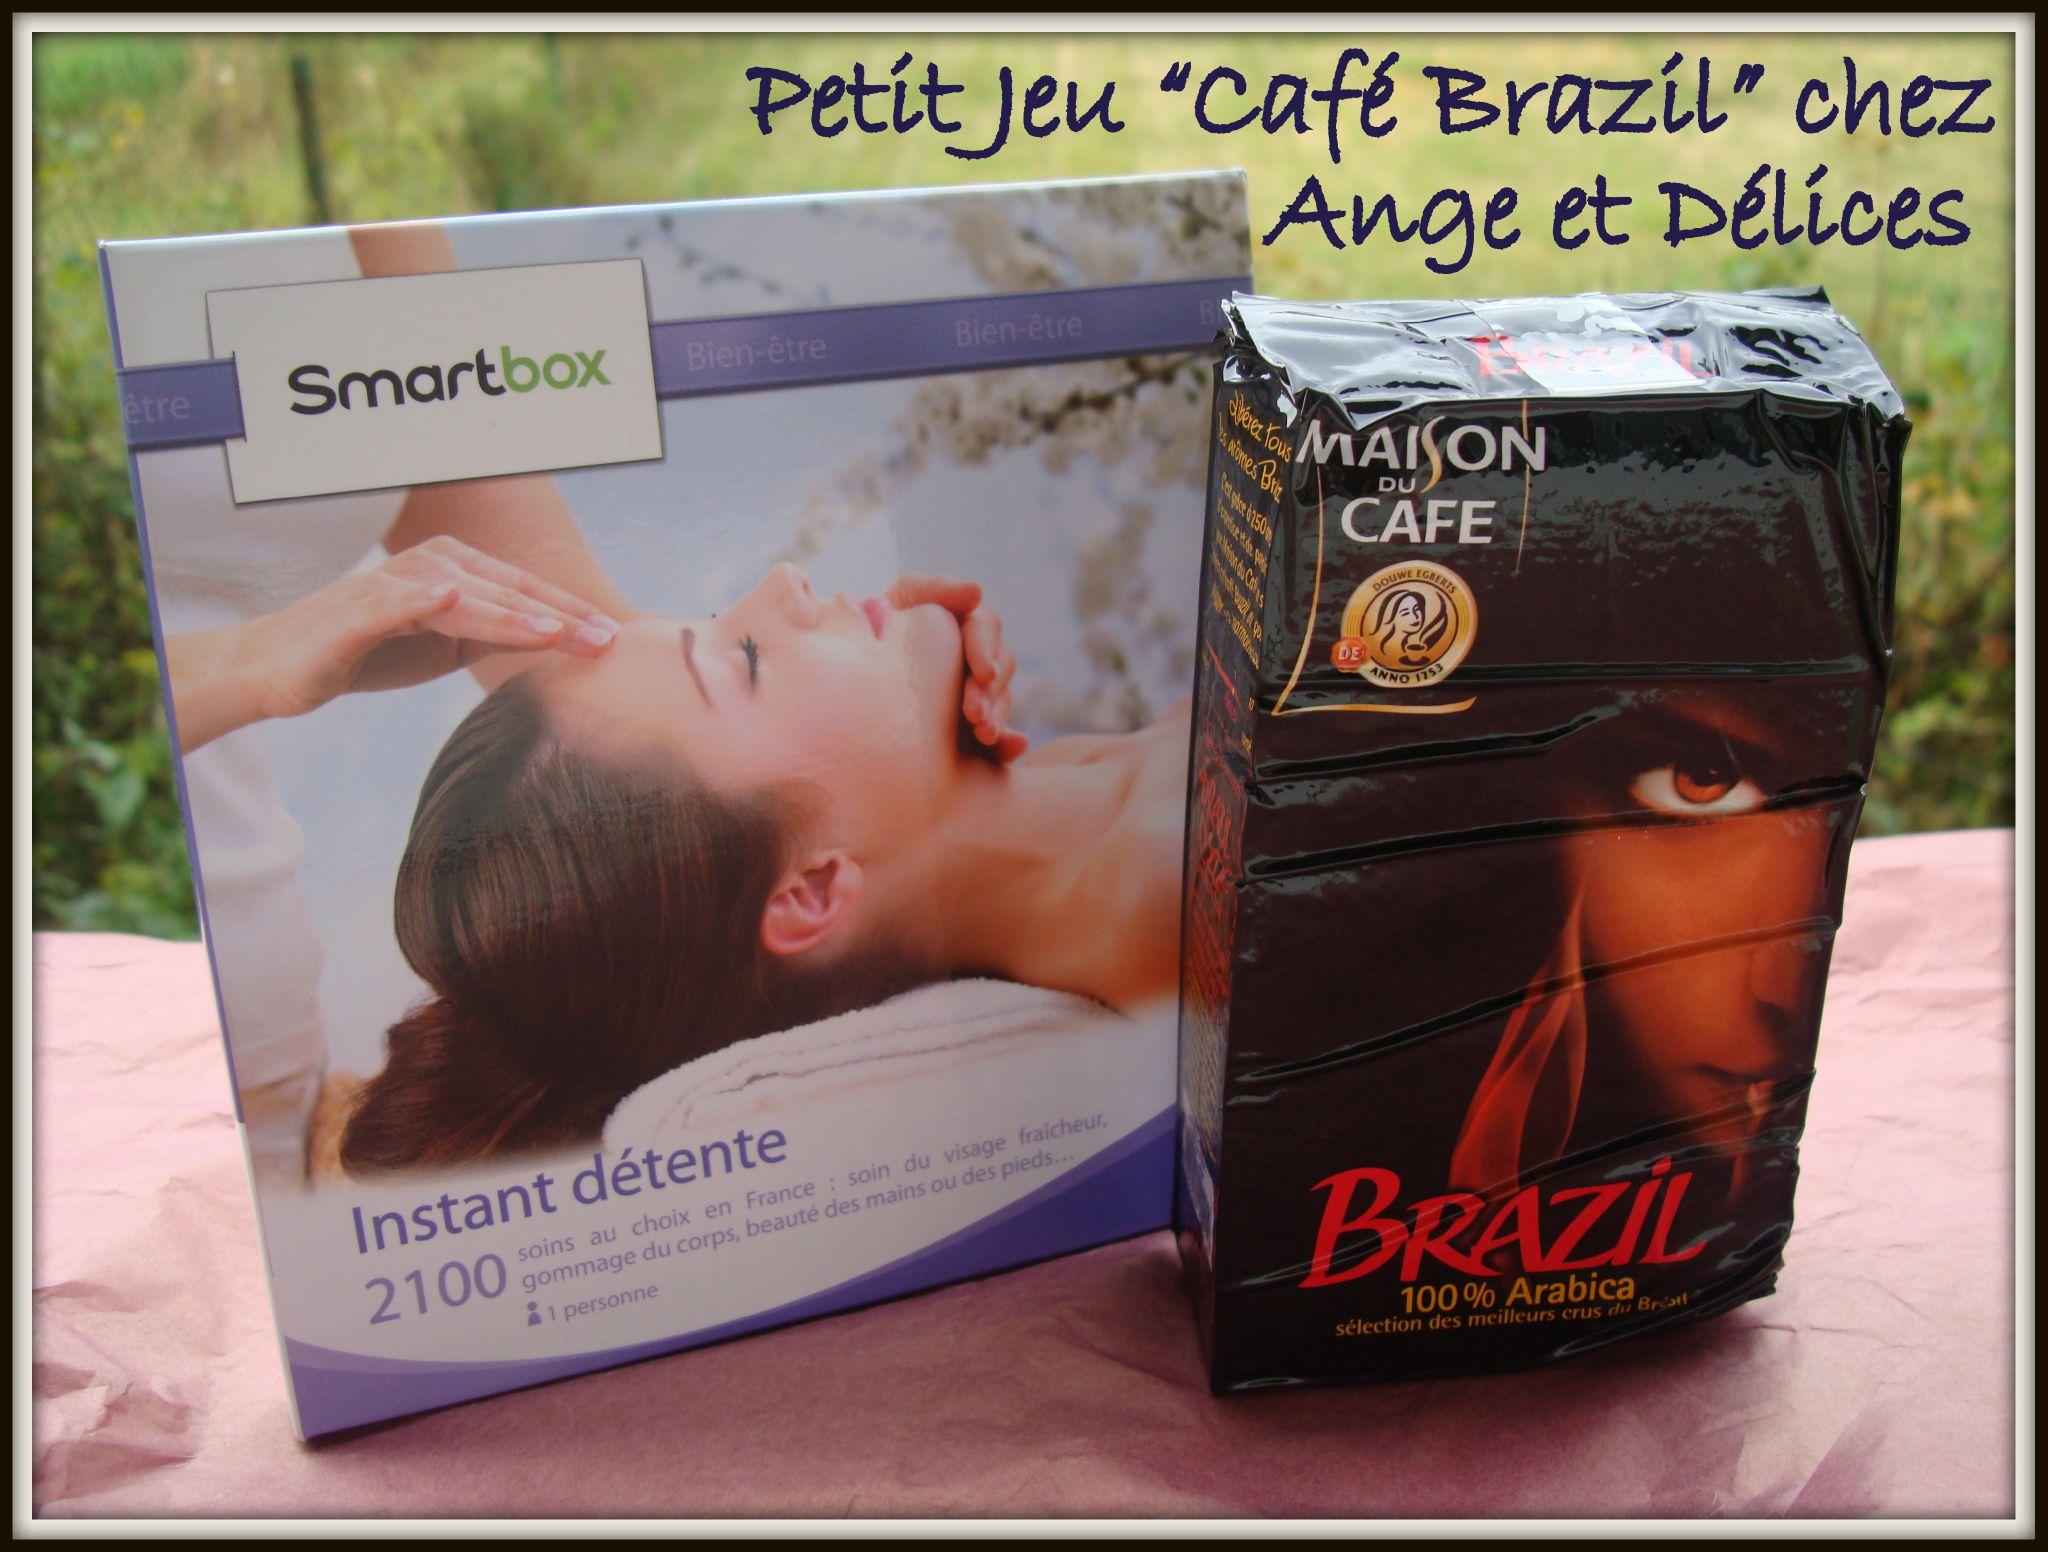 Jeu café brazil